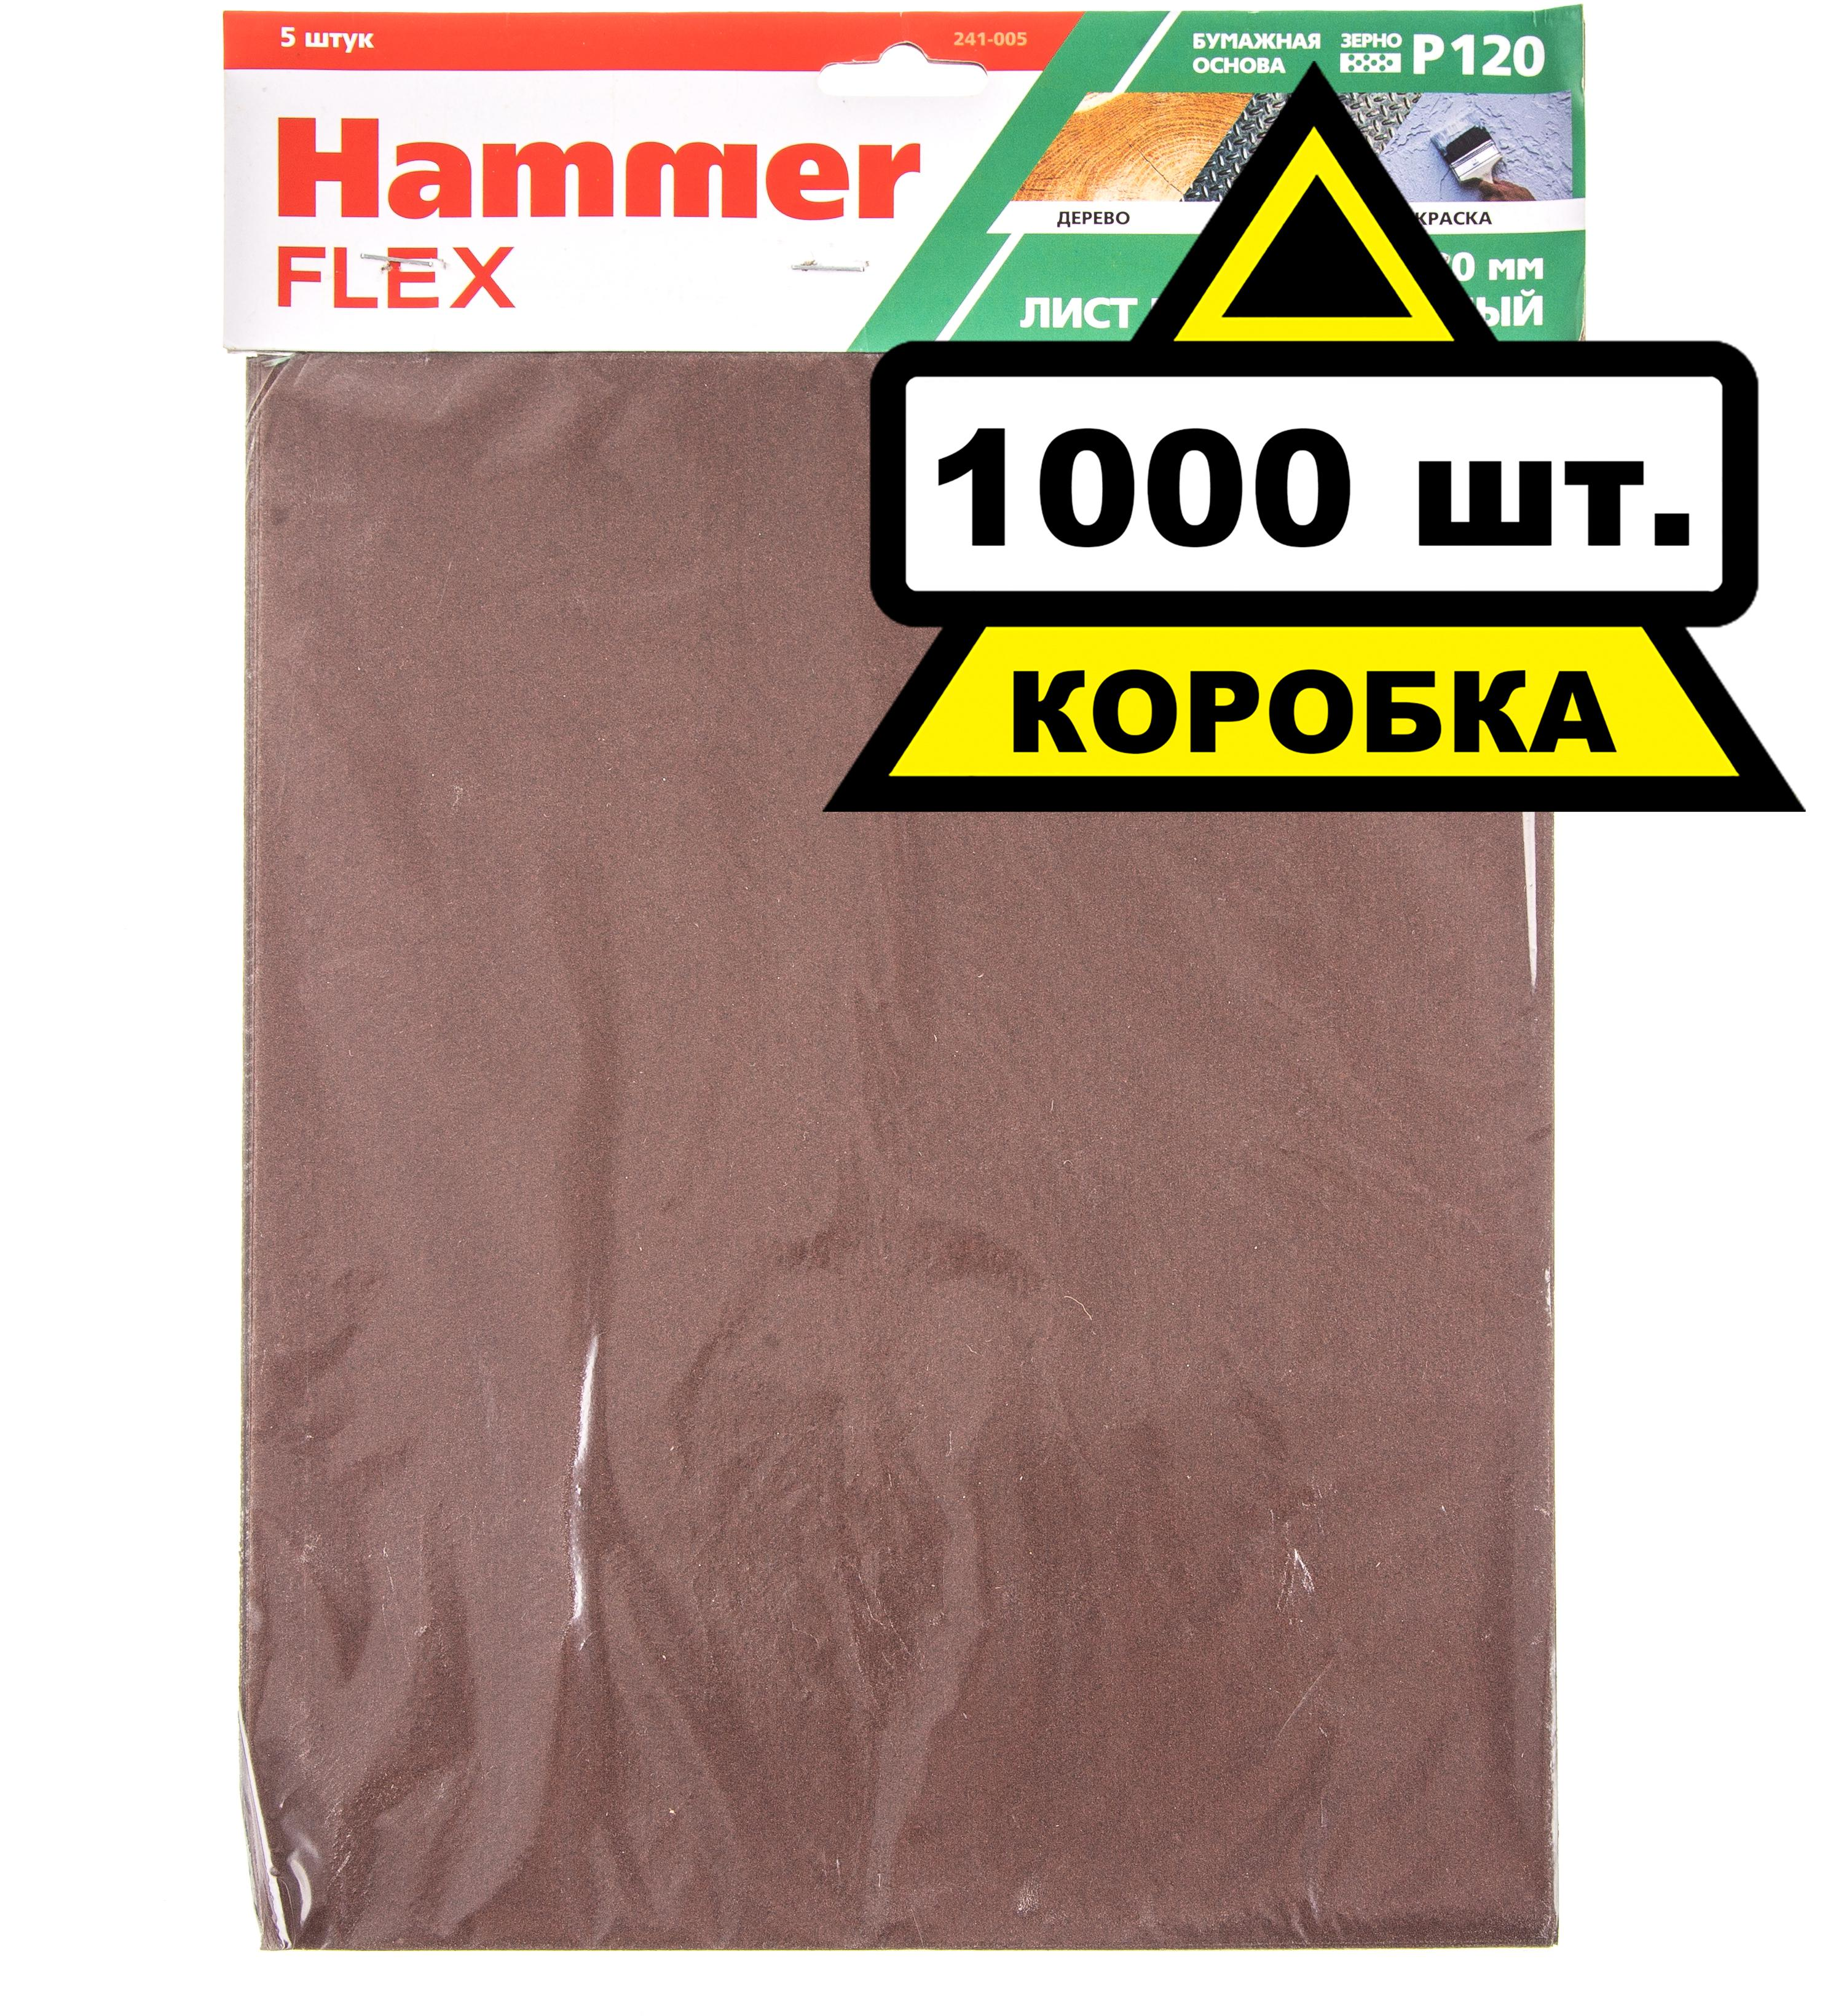 Купить Лист шлифовальный Hammer 230x280мм p120 бумажная основа